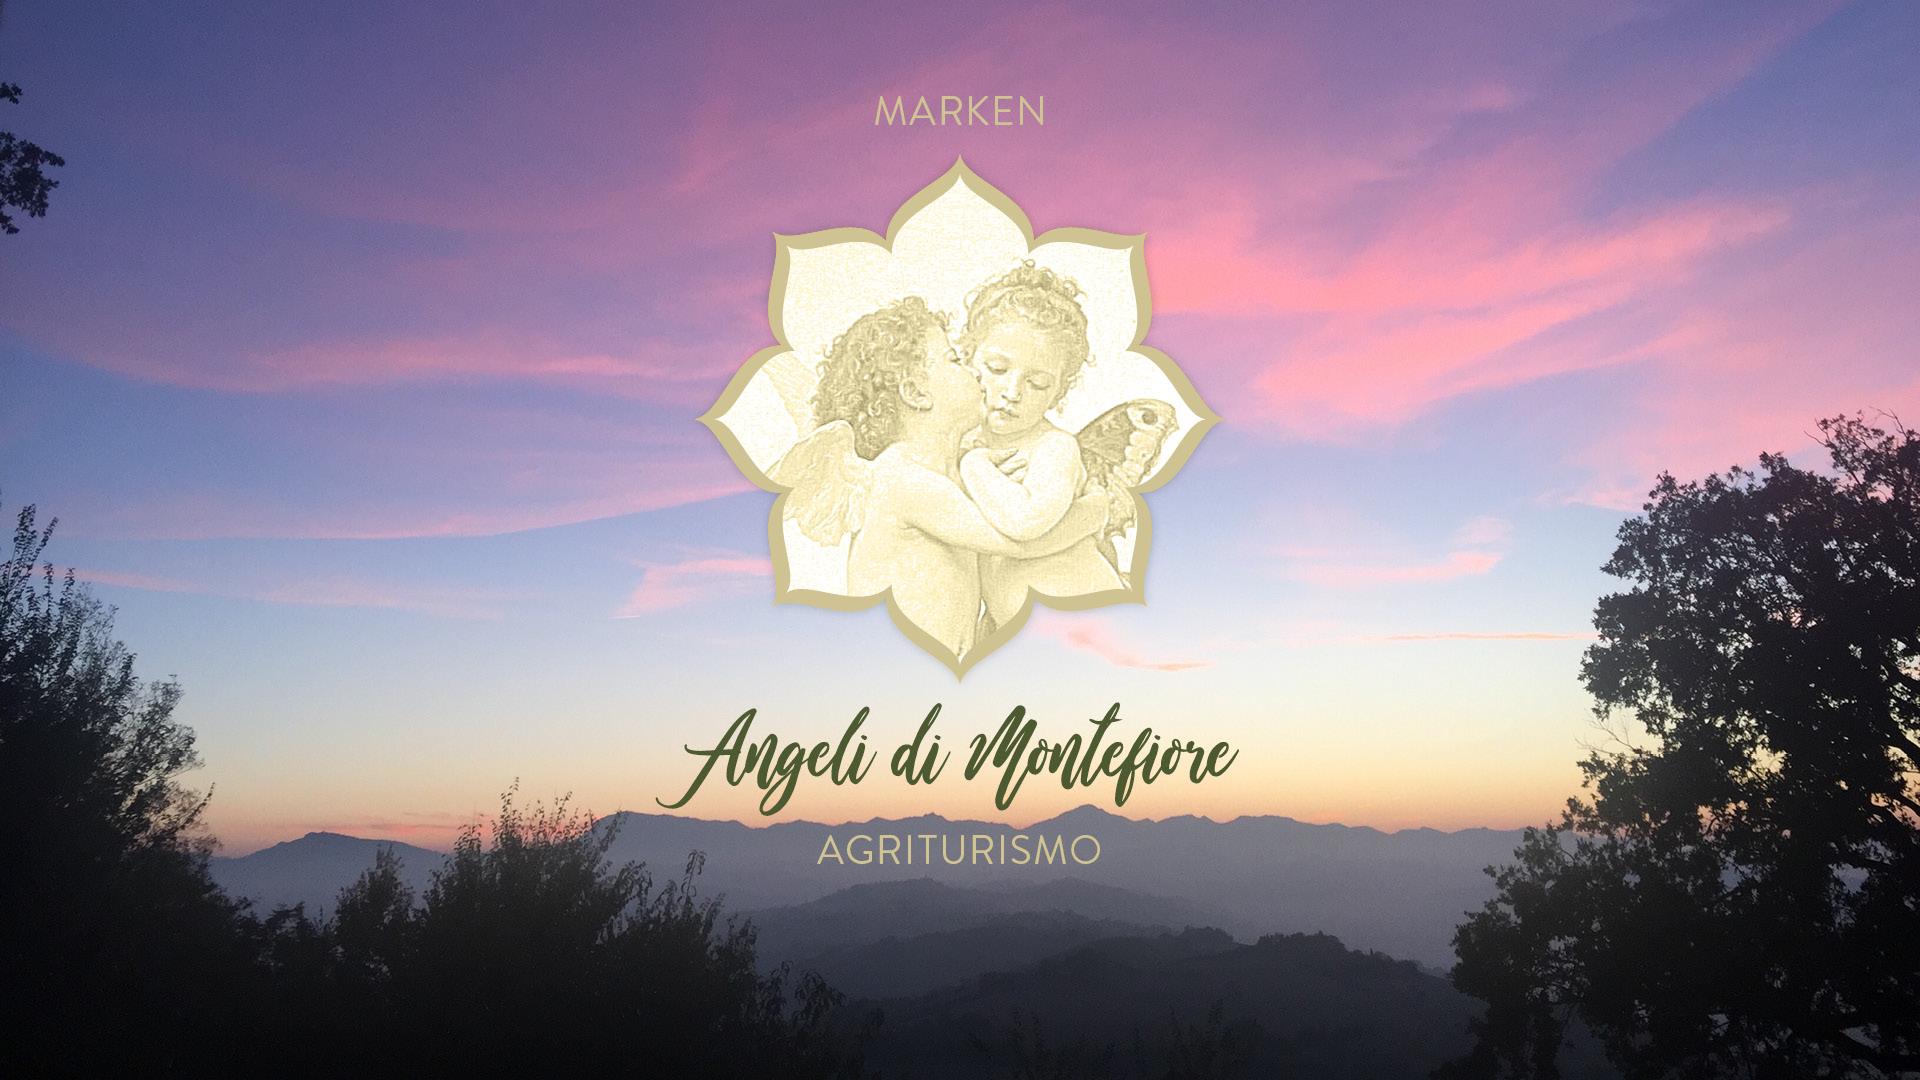 Angeli di Montefiore